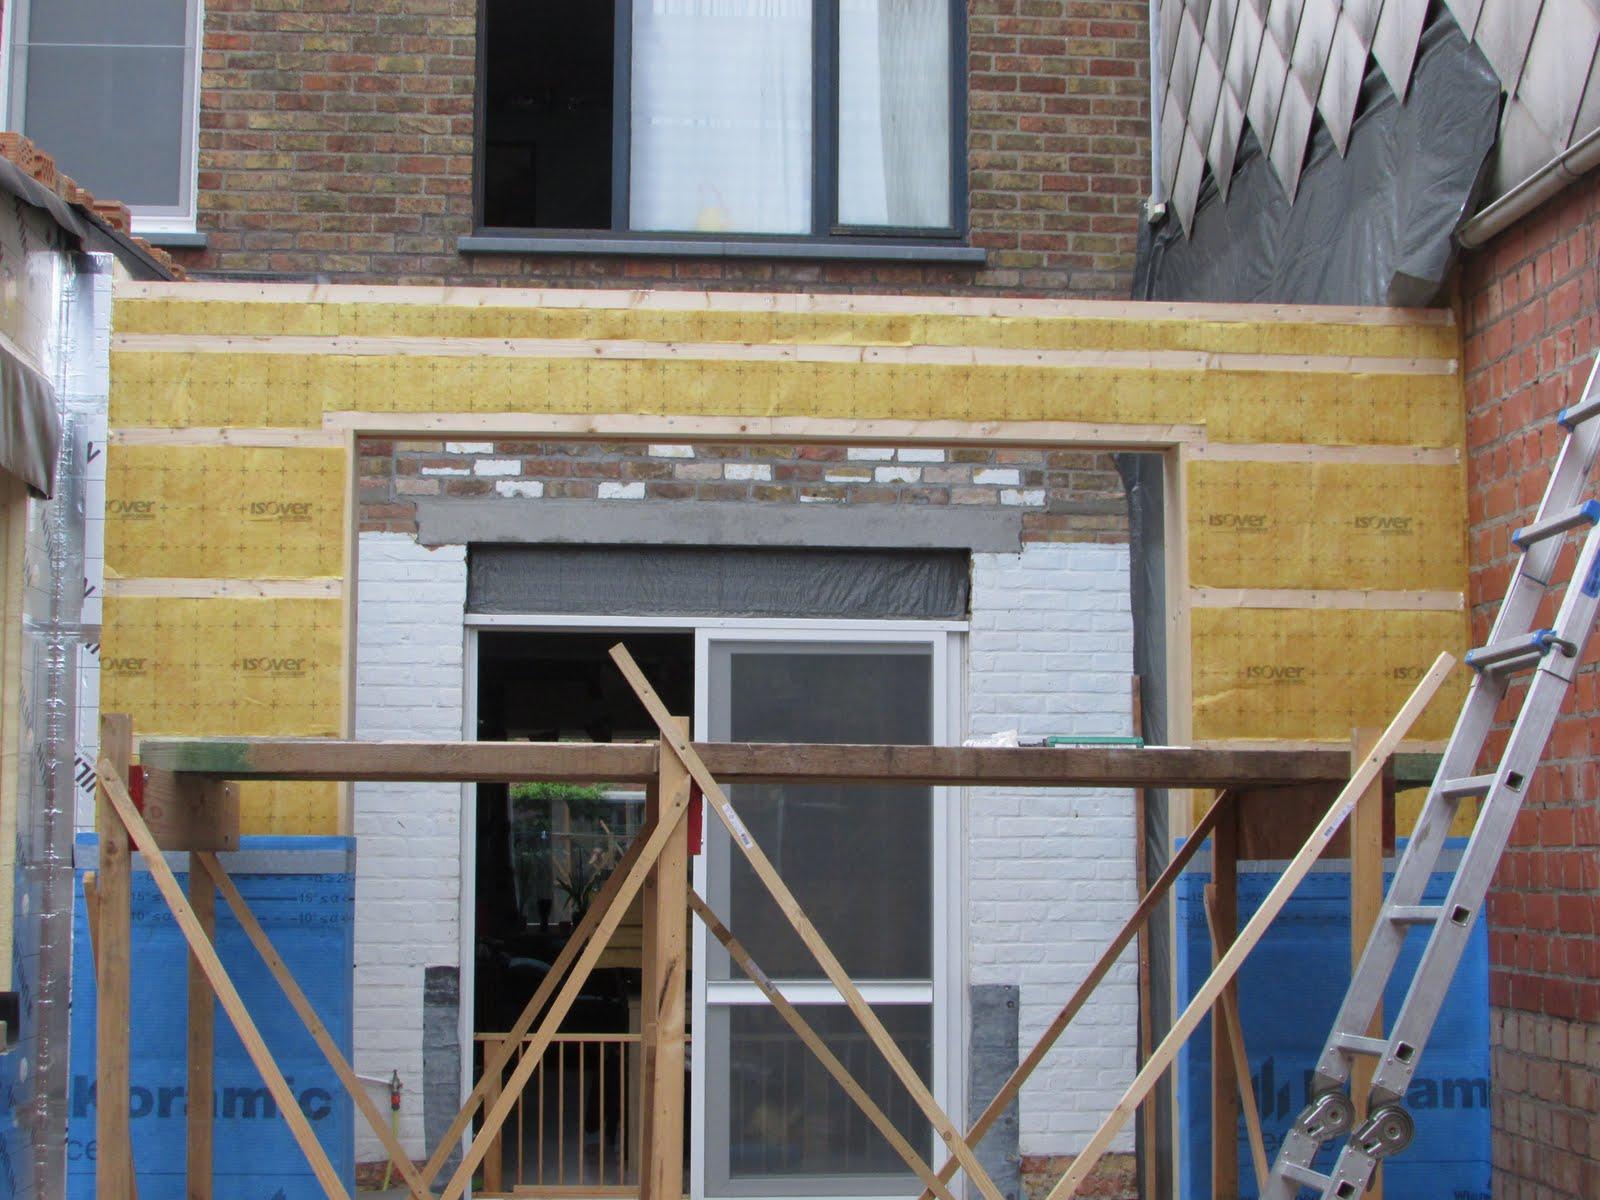 Verbouwing van ons ouderlijk huis ruwbouw uitbreiding 29 - Stenen huis uitbreiding ...